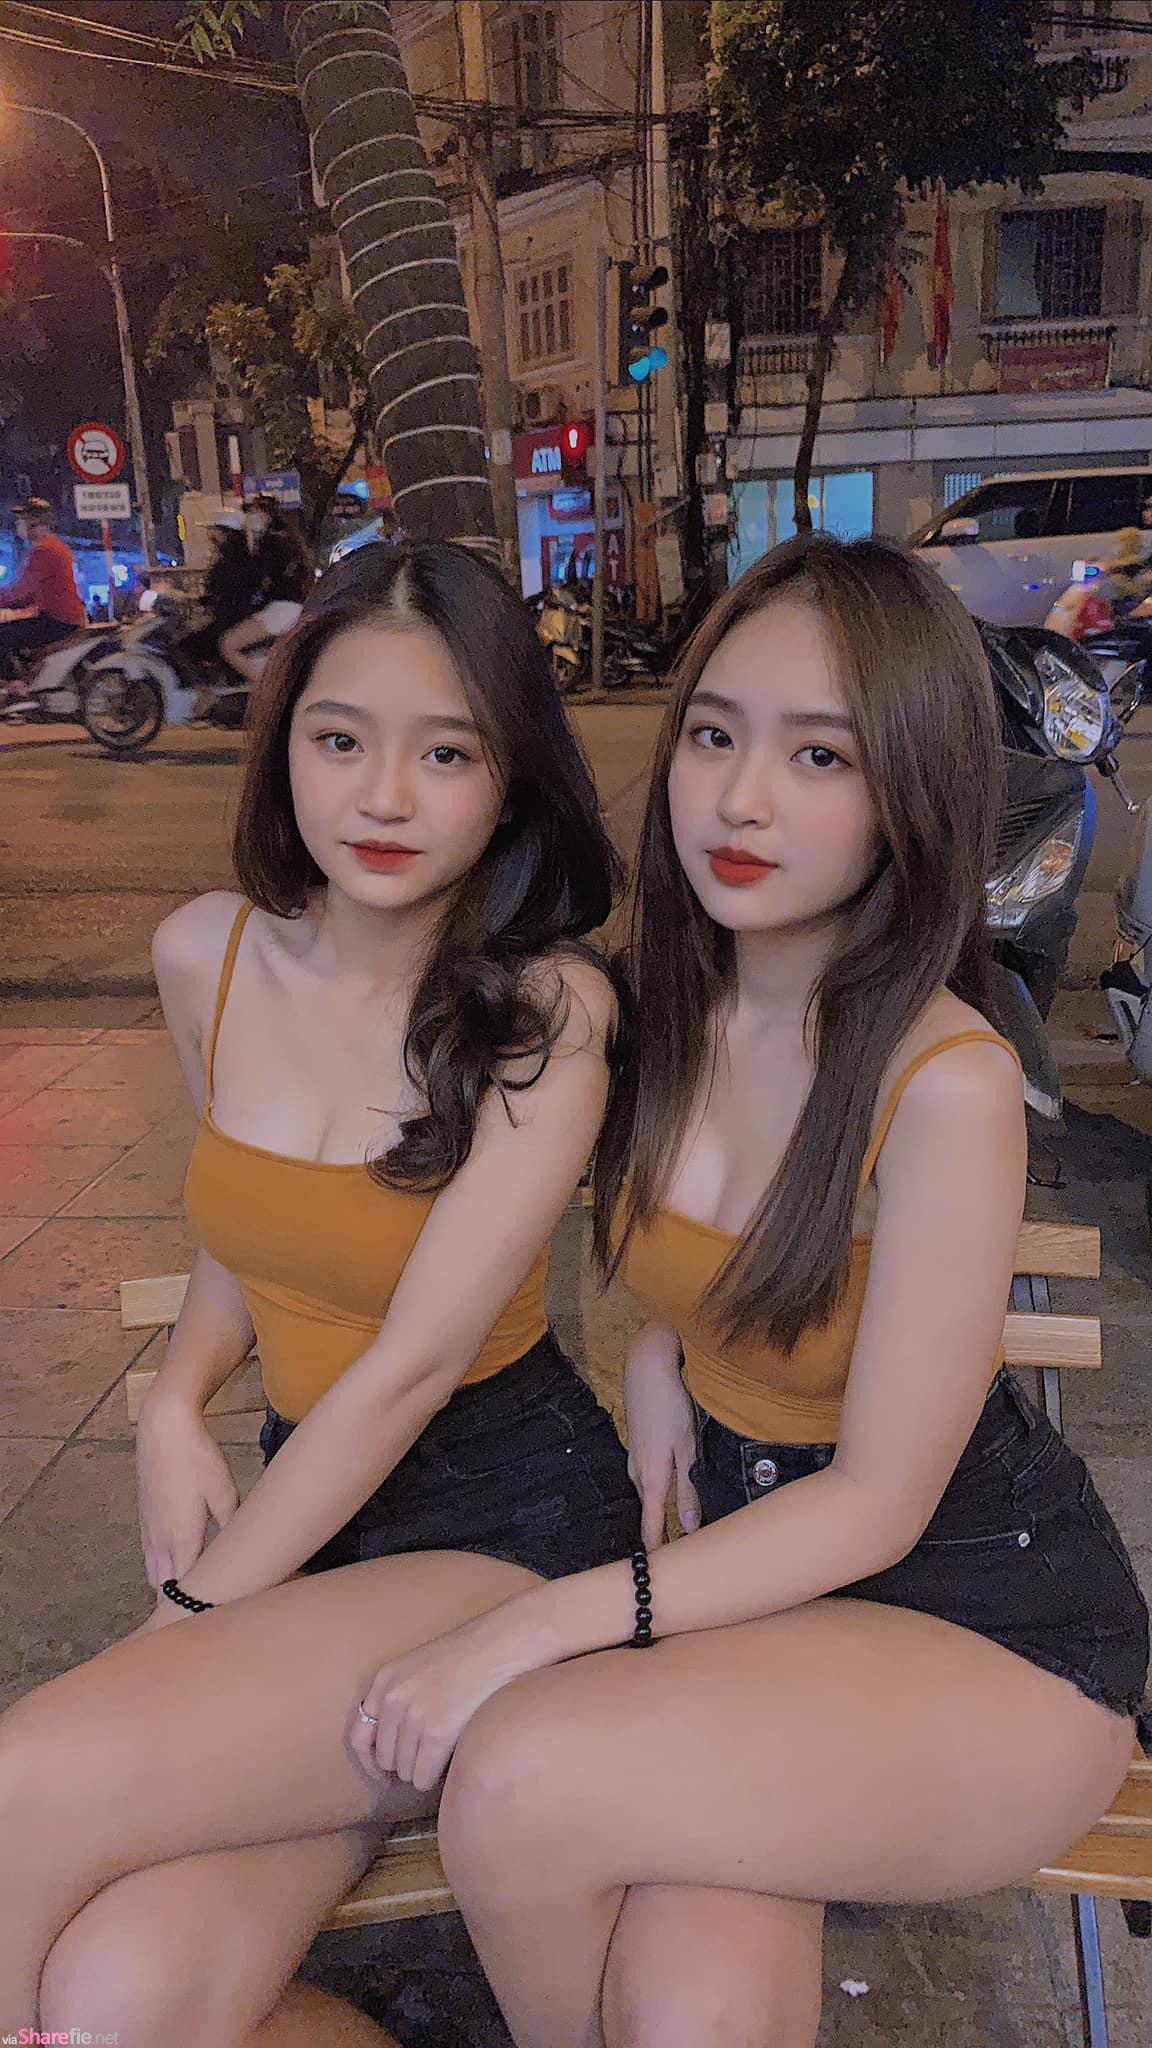 难倒网友的越南正妹选择题,左还是右? 神出左右传送门身材很火辣